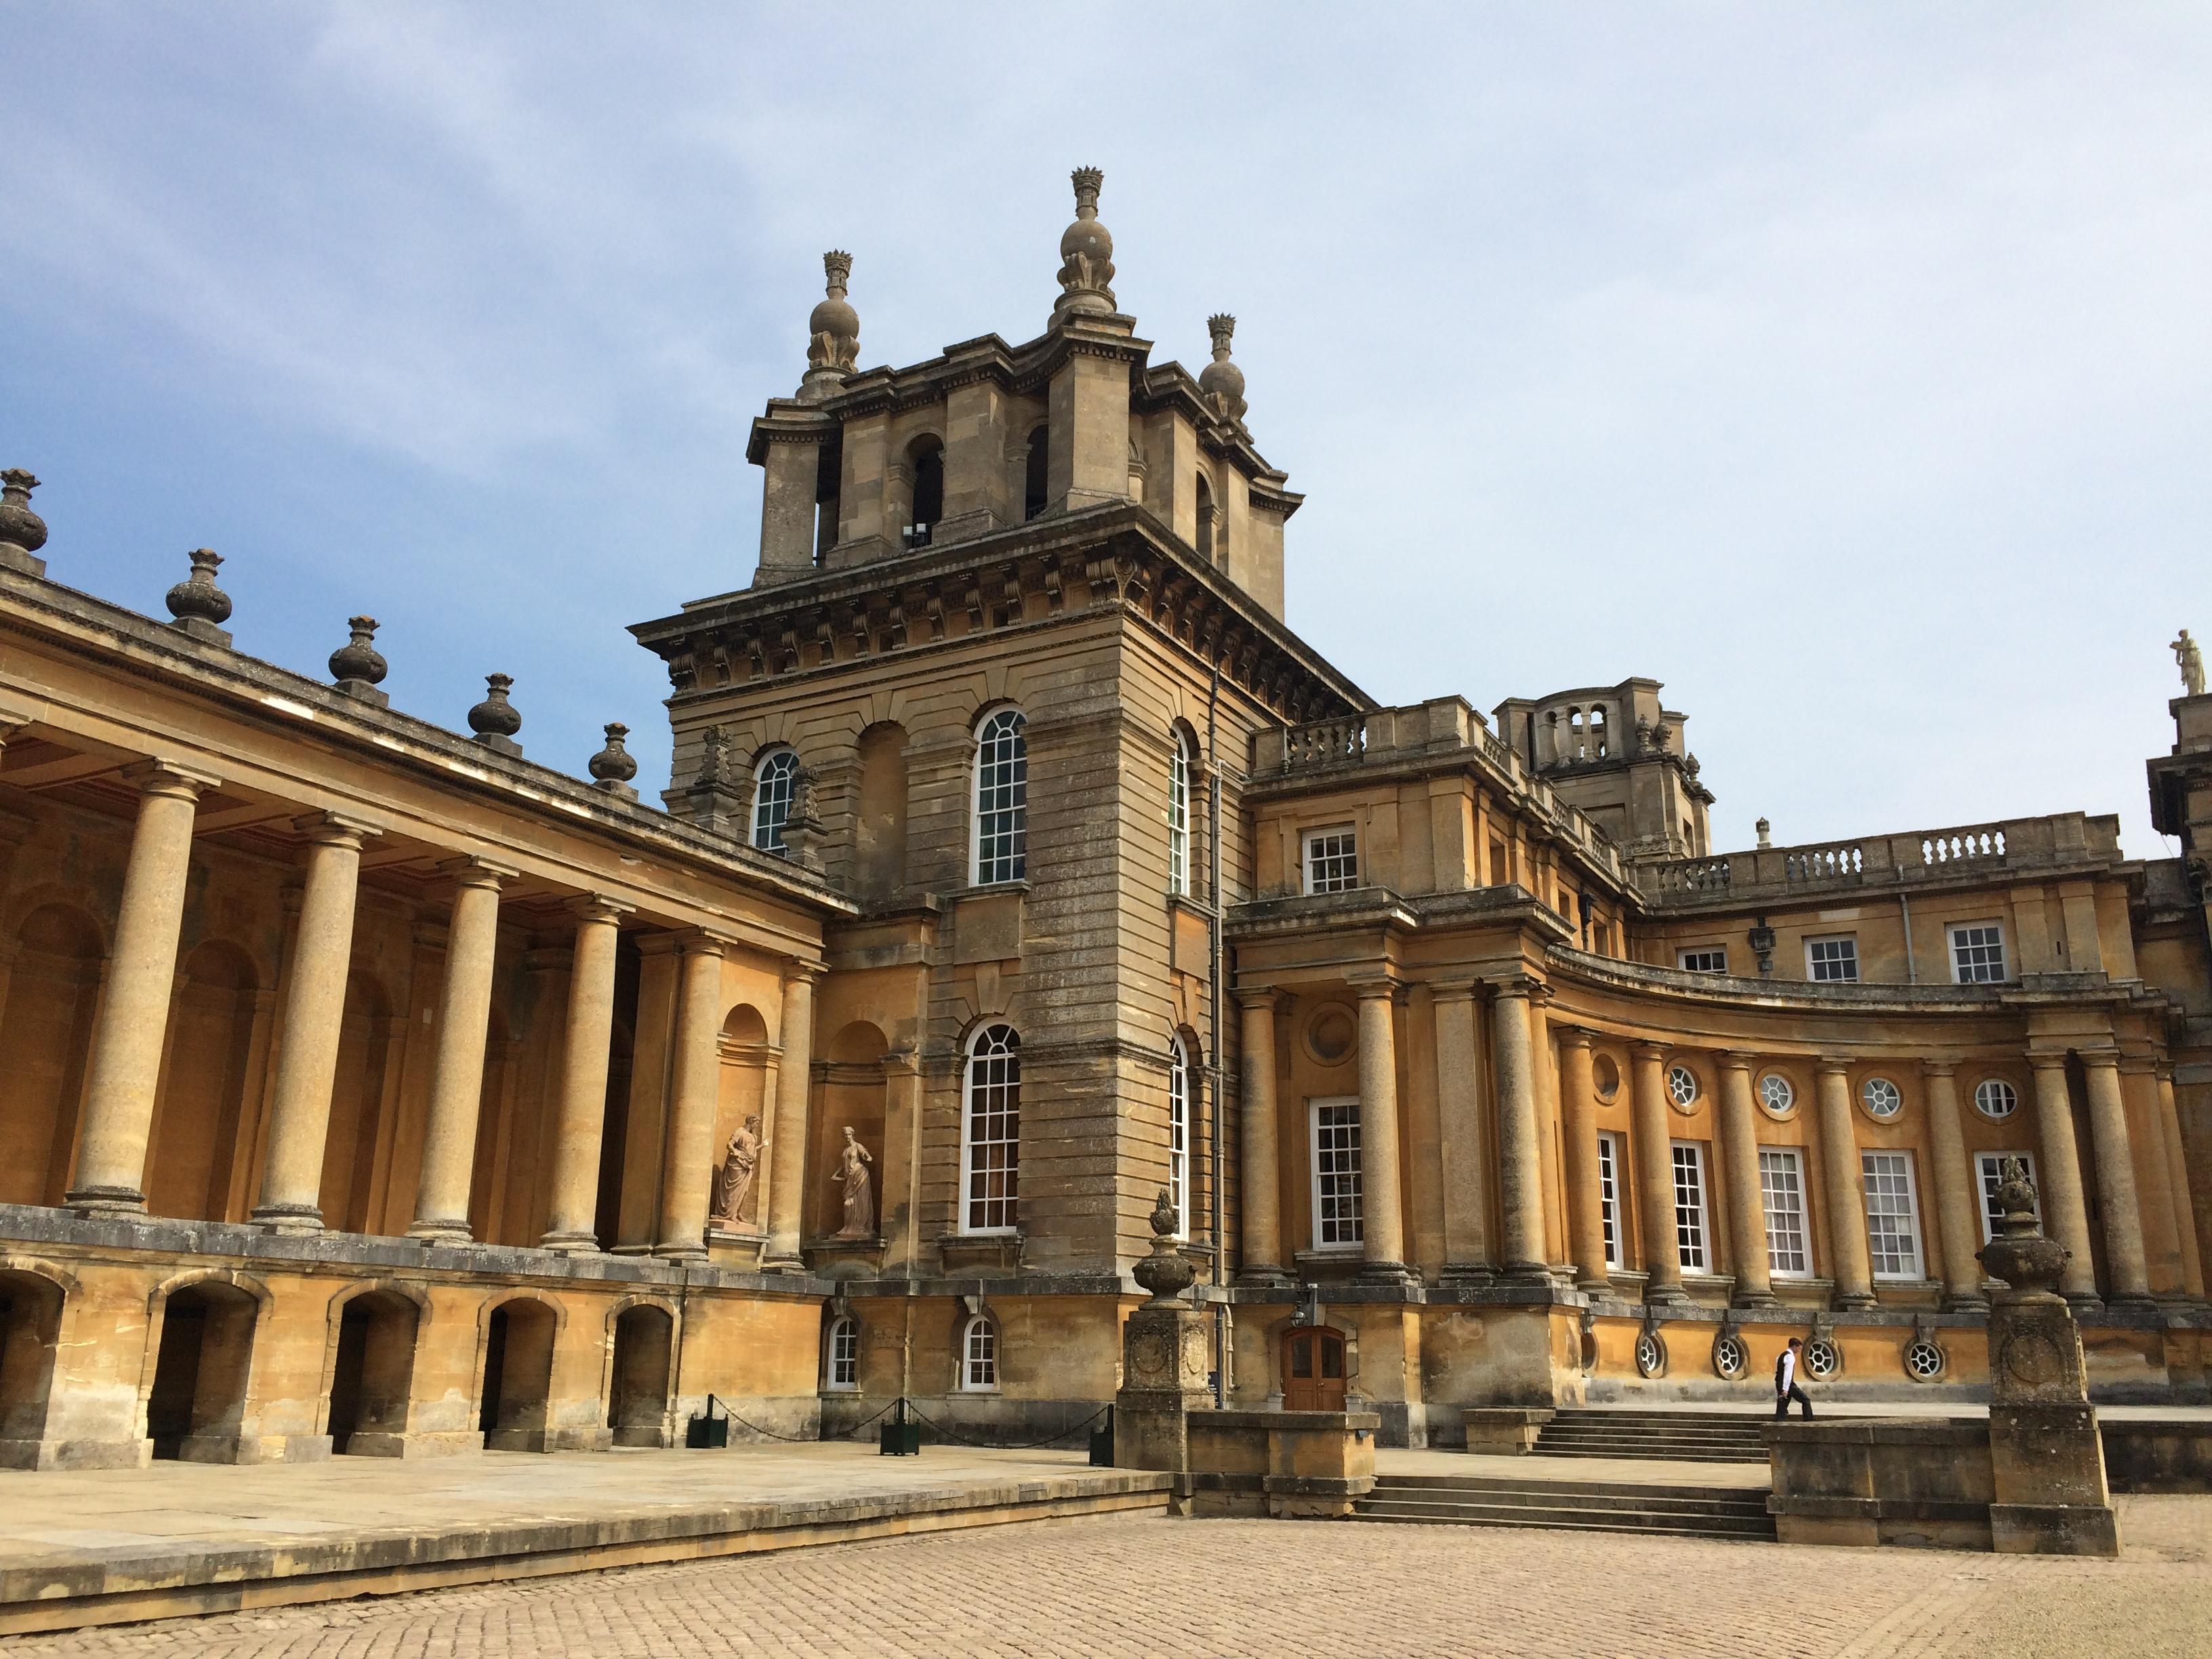 【携程攻略】牛津丘吉尔庄园景点,英国的庄园世界闻名图片